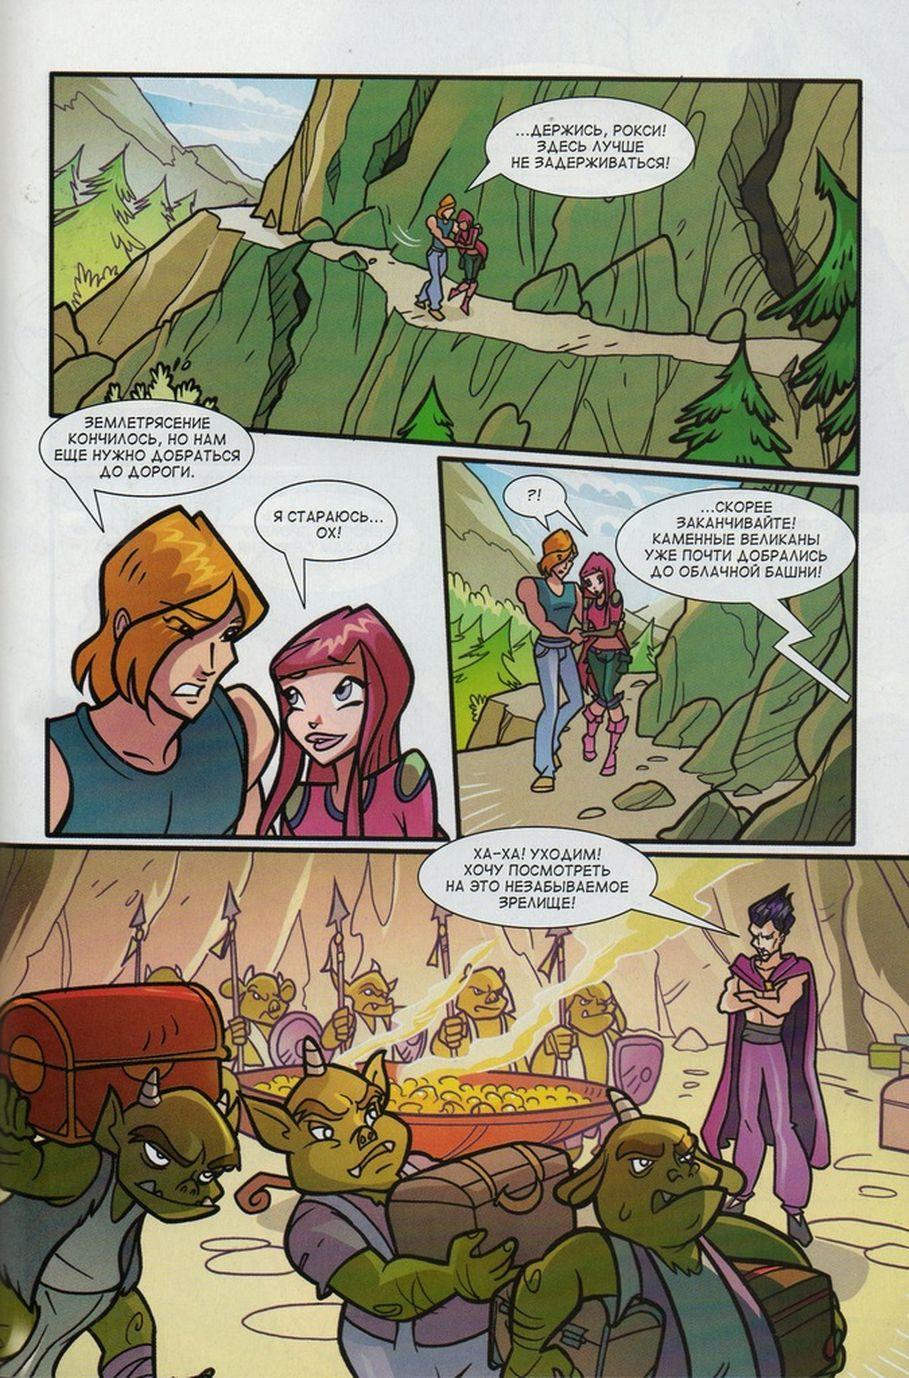 Комикс Винкс Winx - Каменные великаны (Журнал Винкс №11 2011) - стр. 36